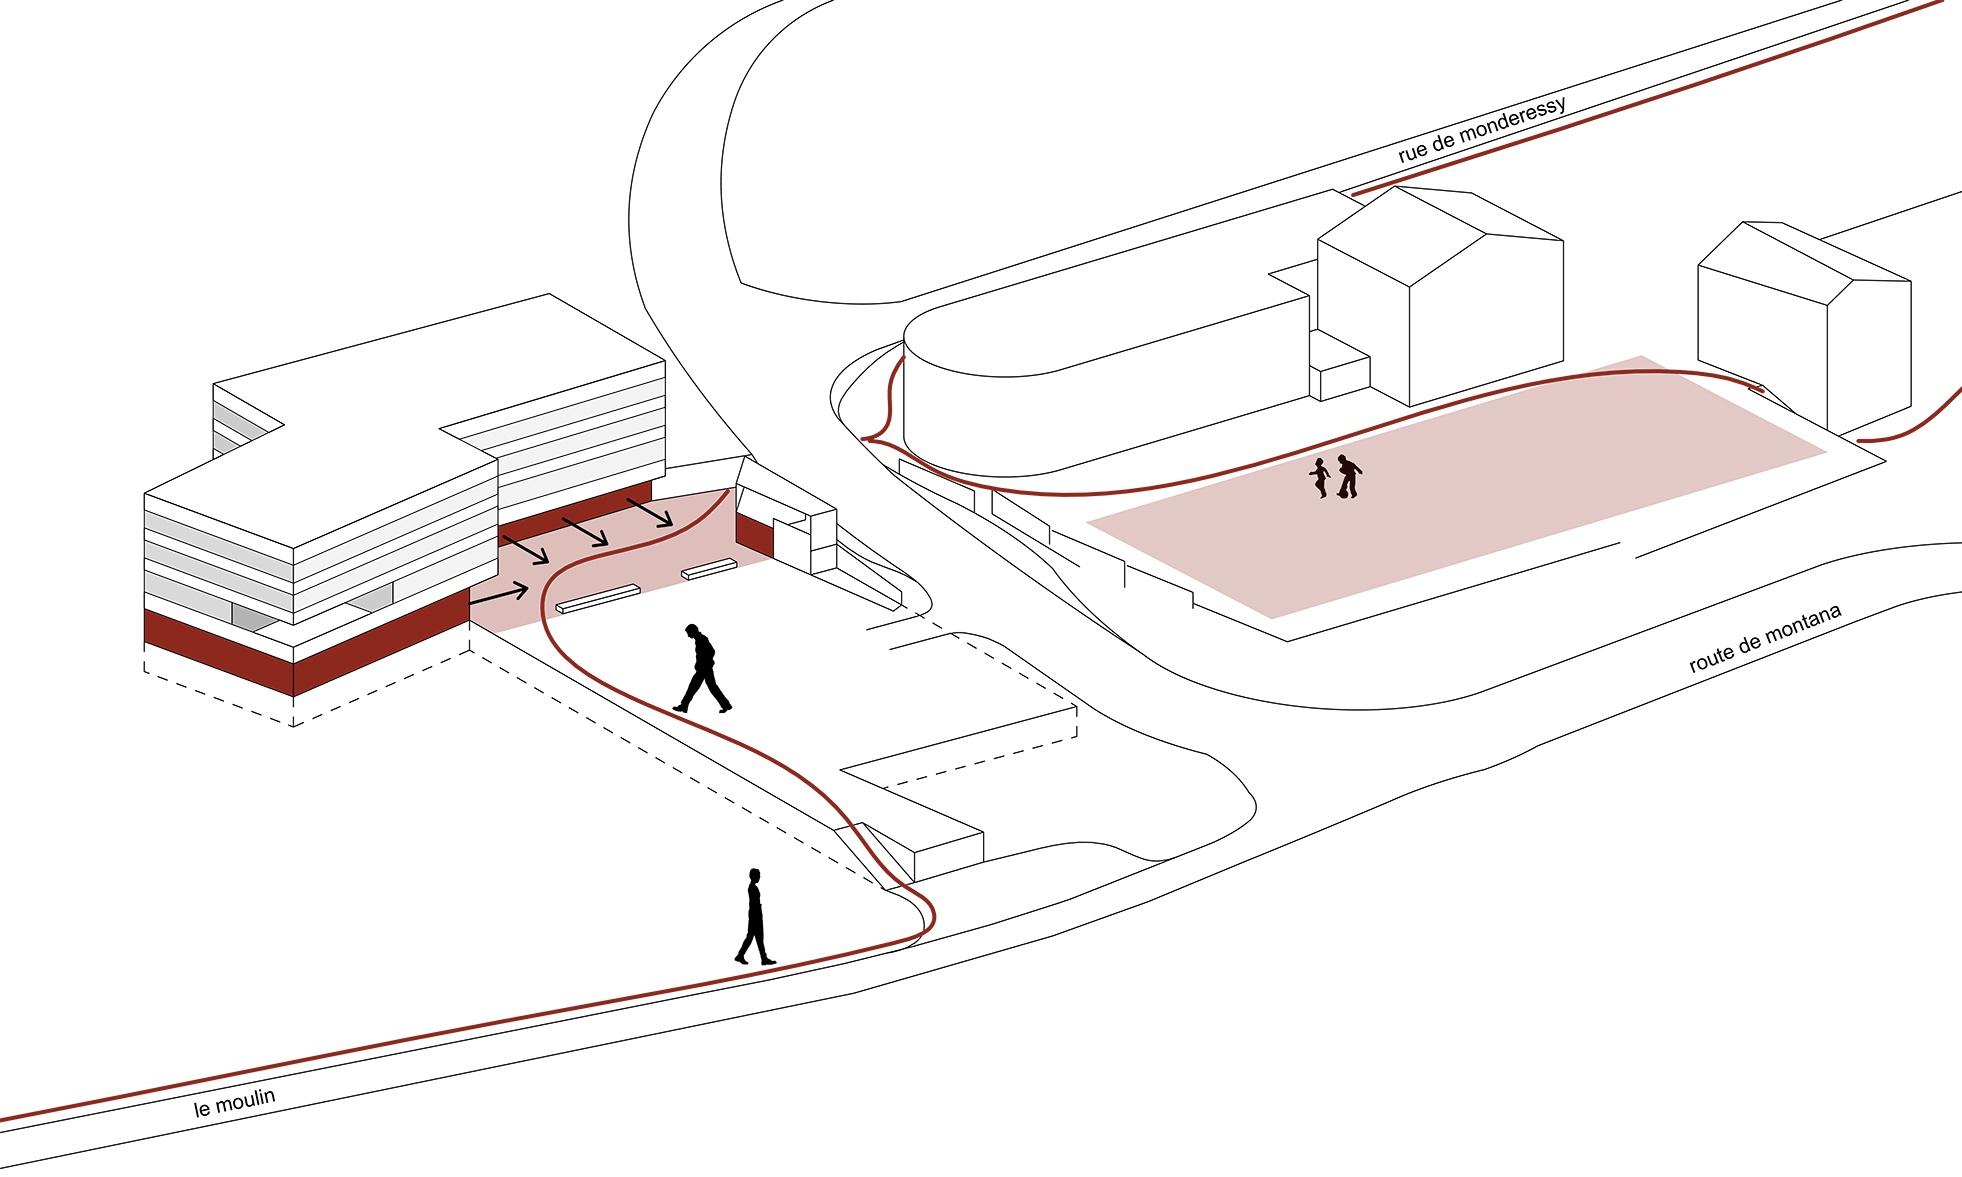 dvarchitectes-concours-architecture-ems-venthone-schema.jpg